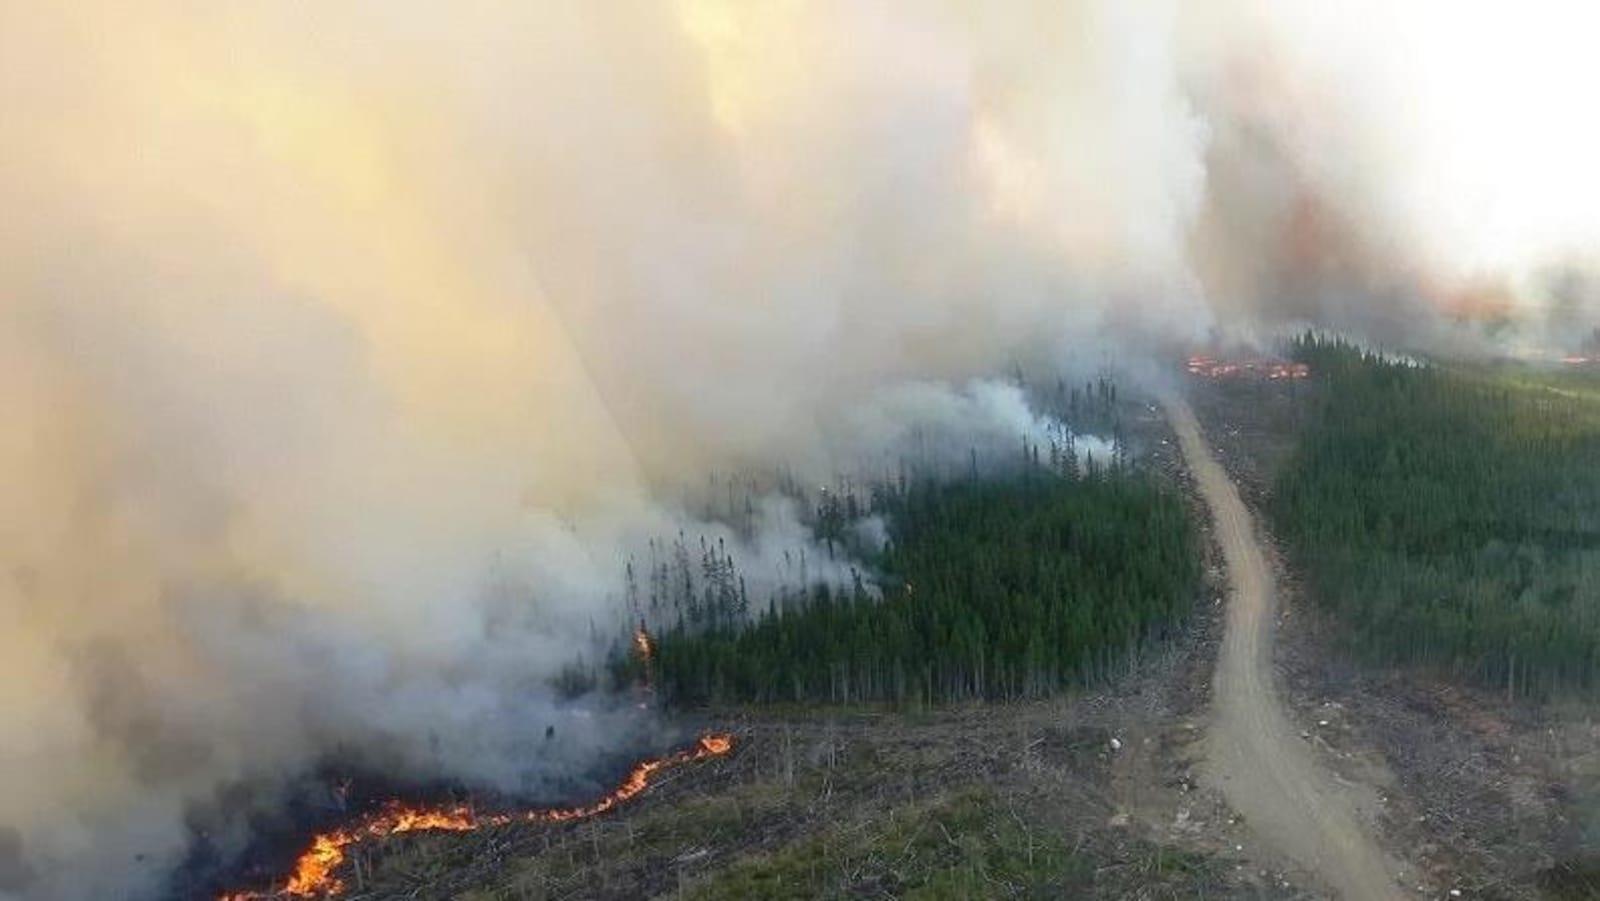 Une photo aérienne montrant une partie du feu du secteur de Labrieville et la fumée qu'il dégage.